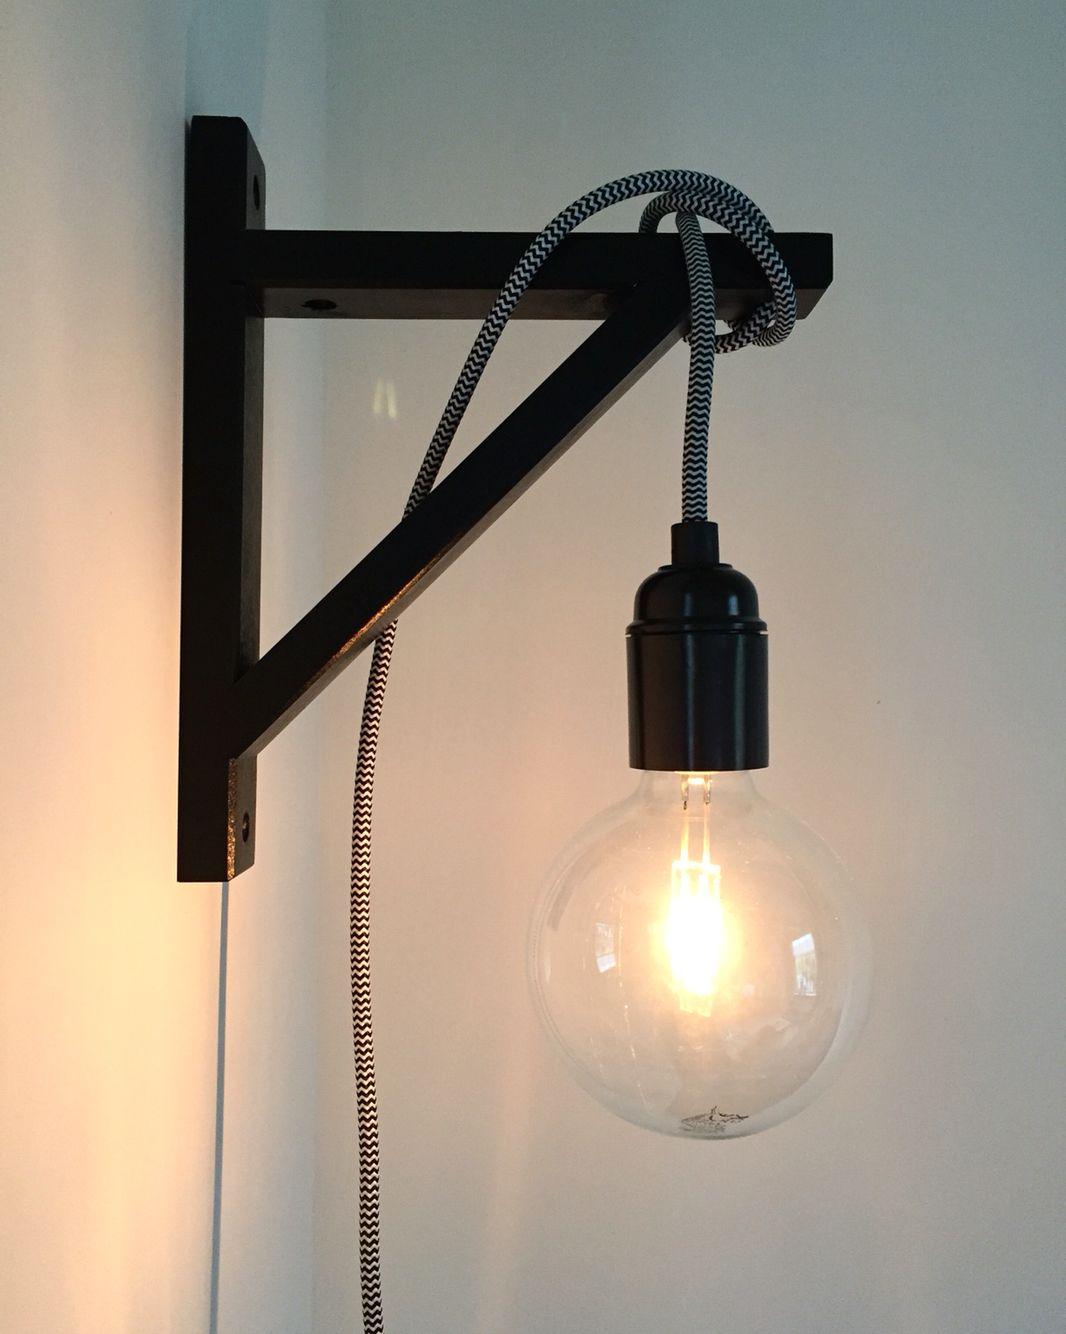 Sfeerlicht van snoerboer  Interior  Huis ideen